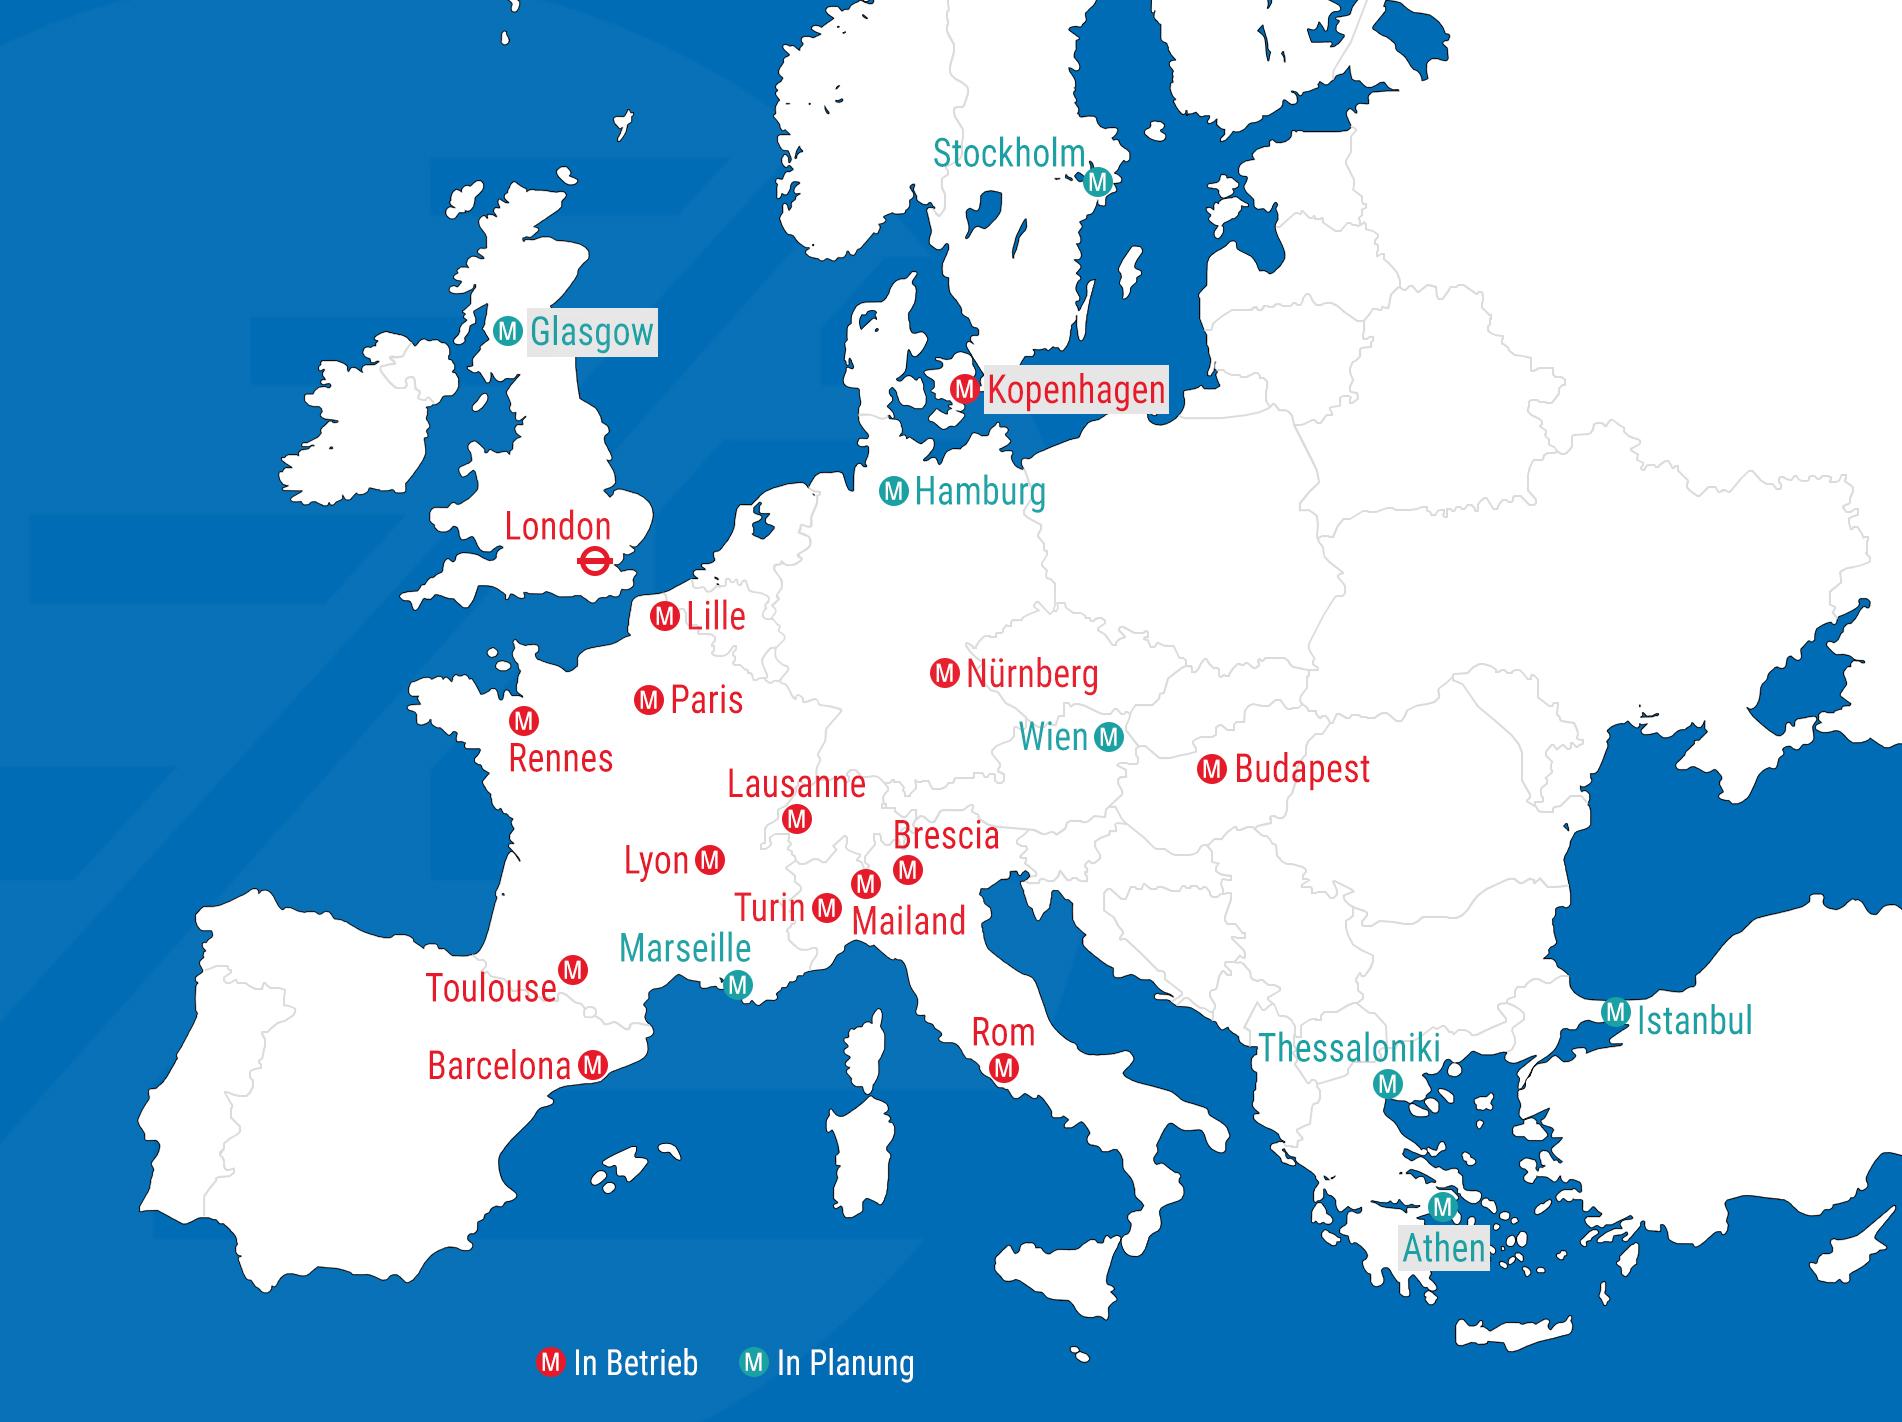 Karte Von Europa Mit Städten.Selbstfahrende Metros Befördern In Europa Eine Milliarde Fahrgäste